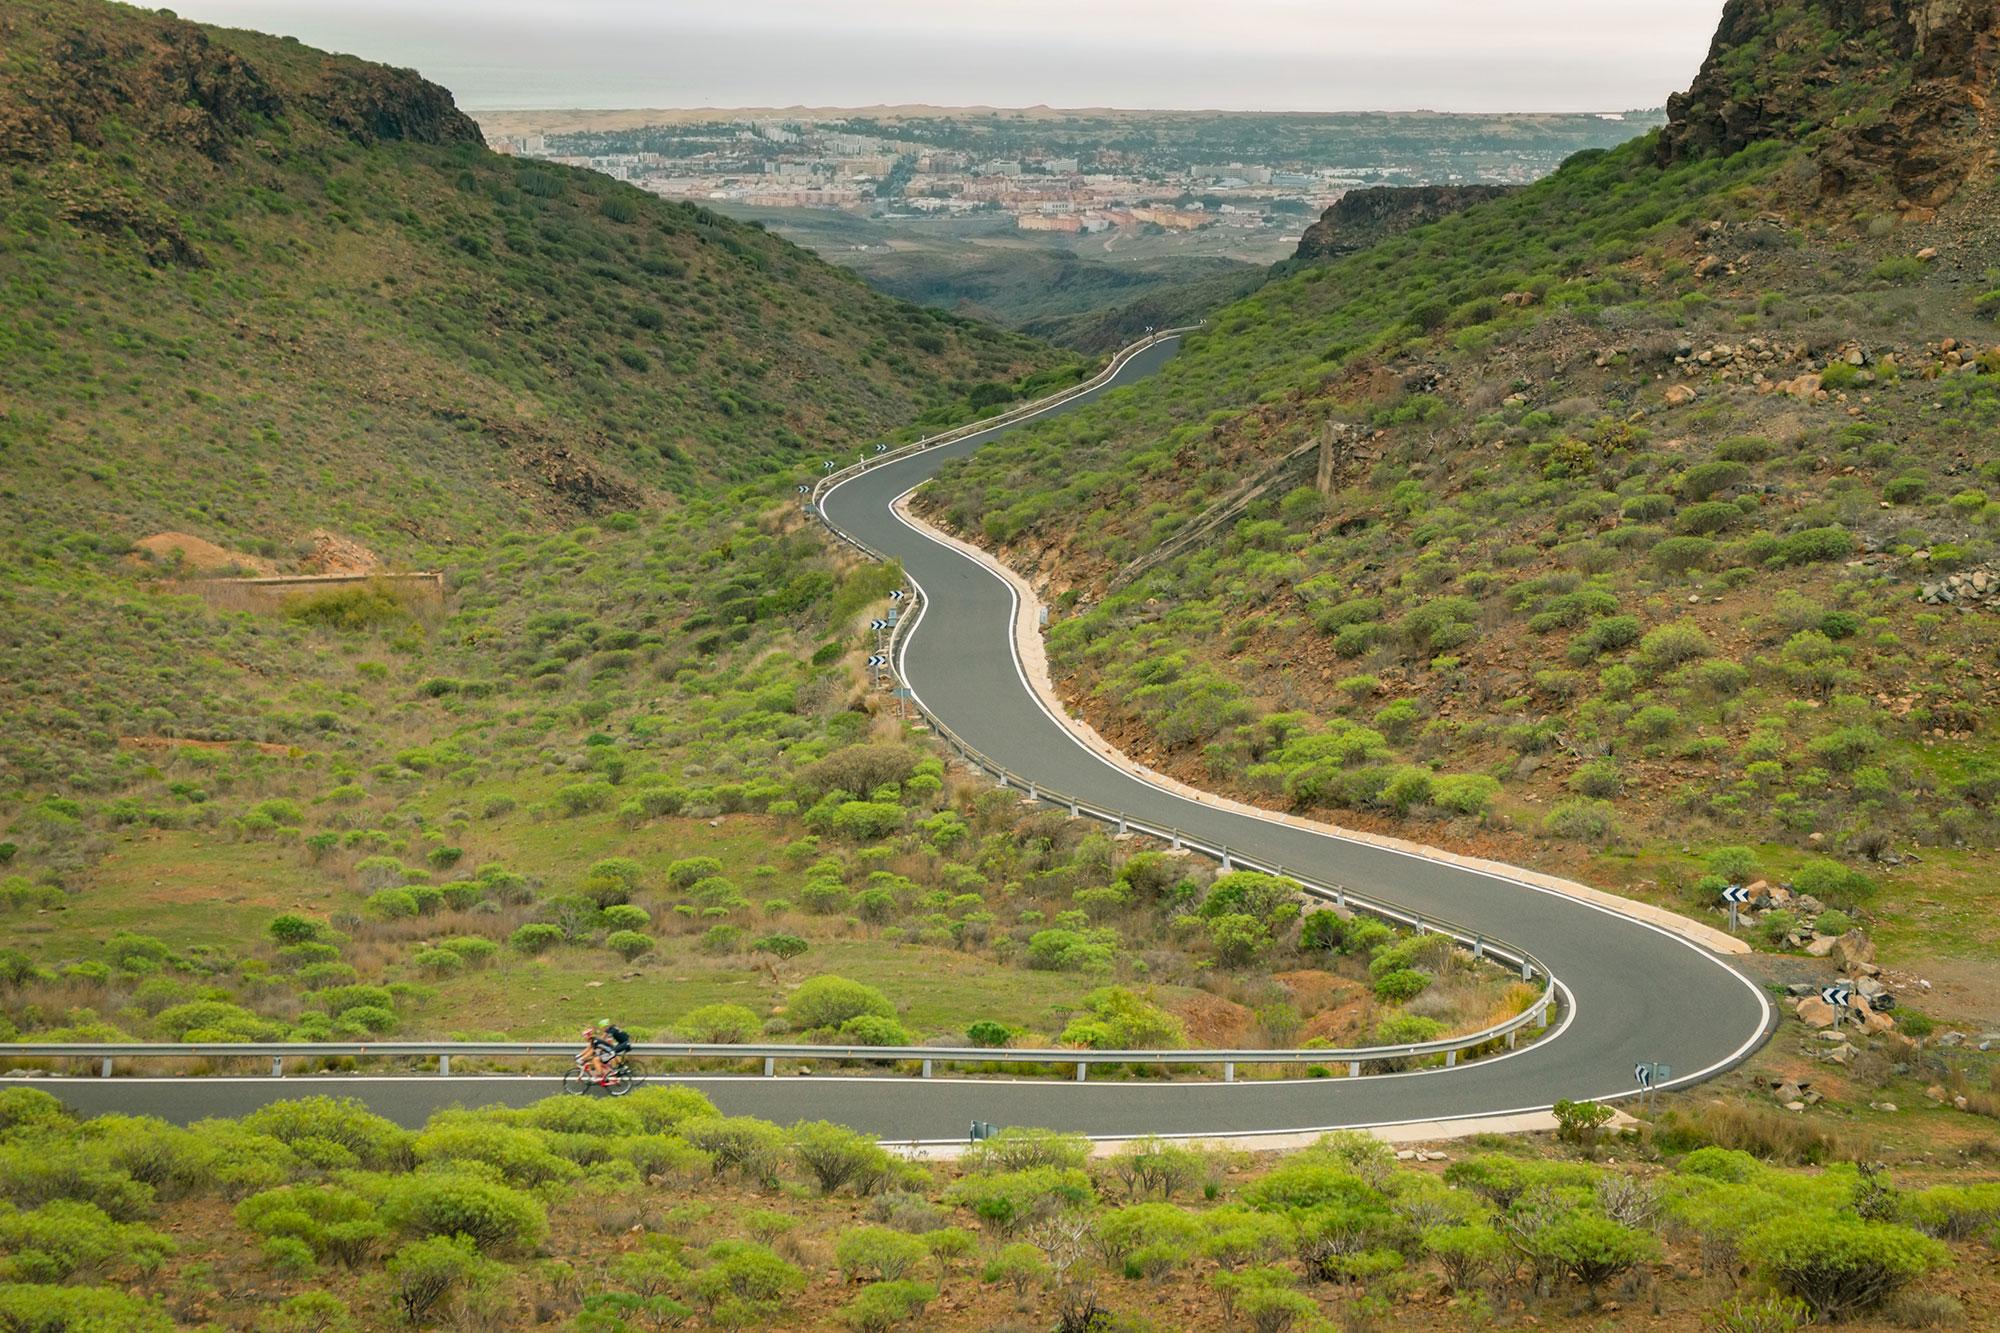 Fúndete con el paisaje canario. Foto: Shutterstock.